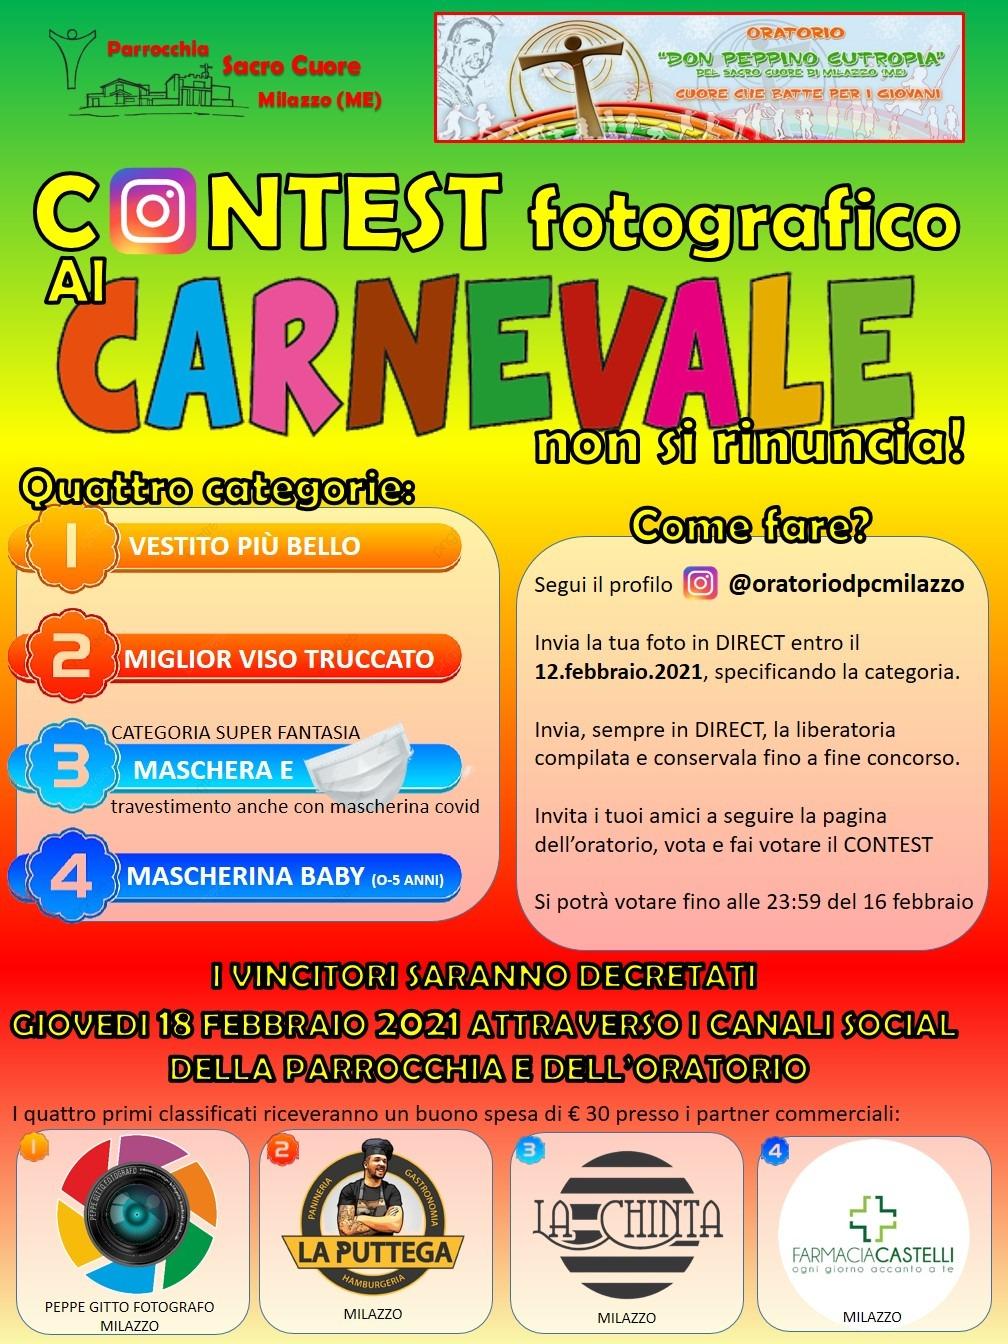 concorsocarnevale2021-1612728360.jpg